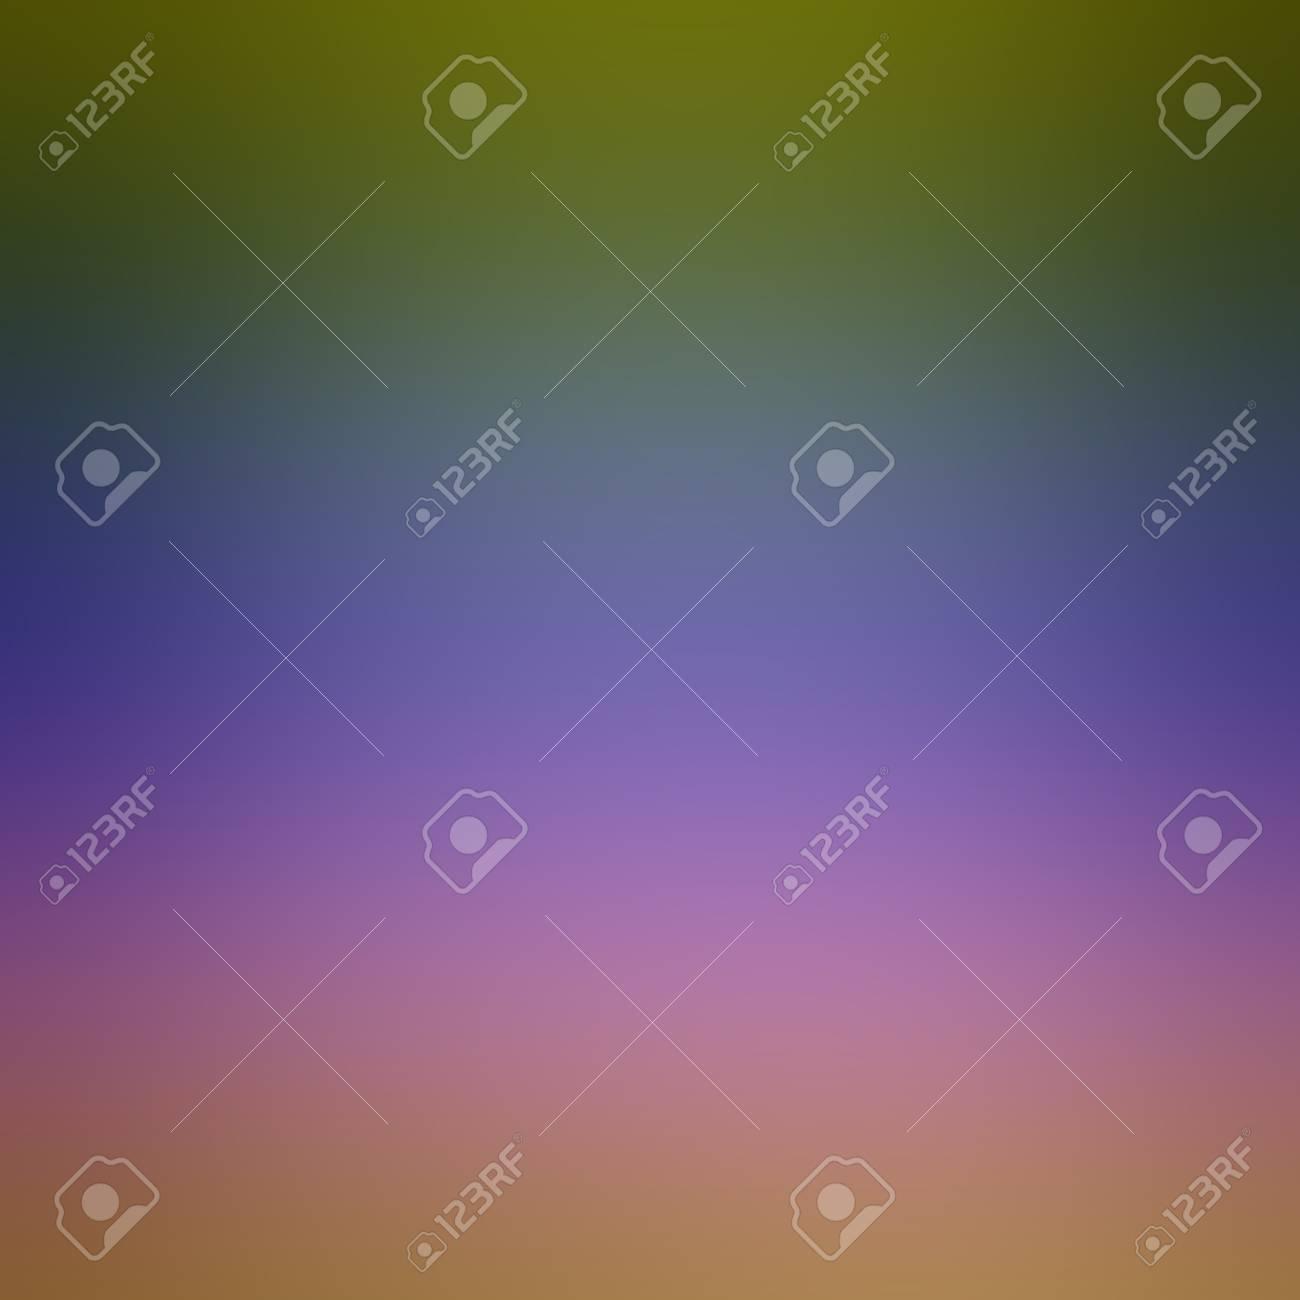 Motif De Fond Raye Floue Dans Joli Melange De Couleur De Rose Violet